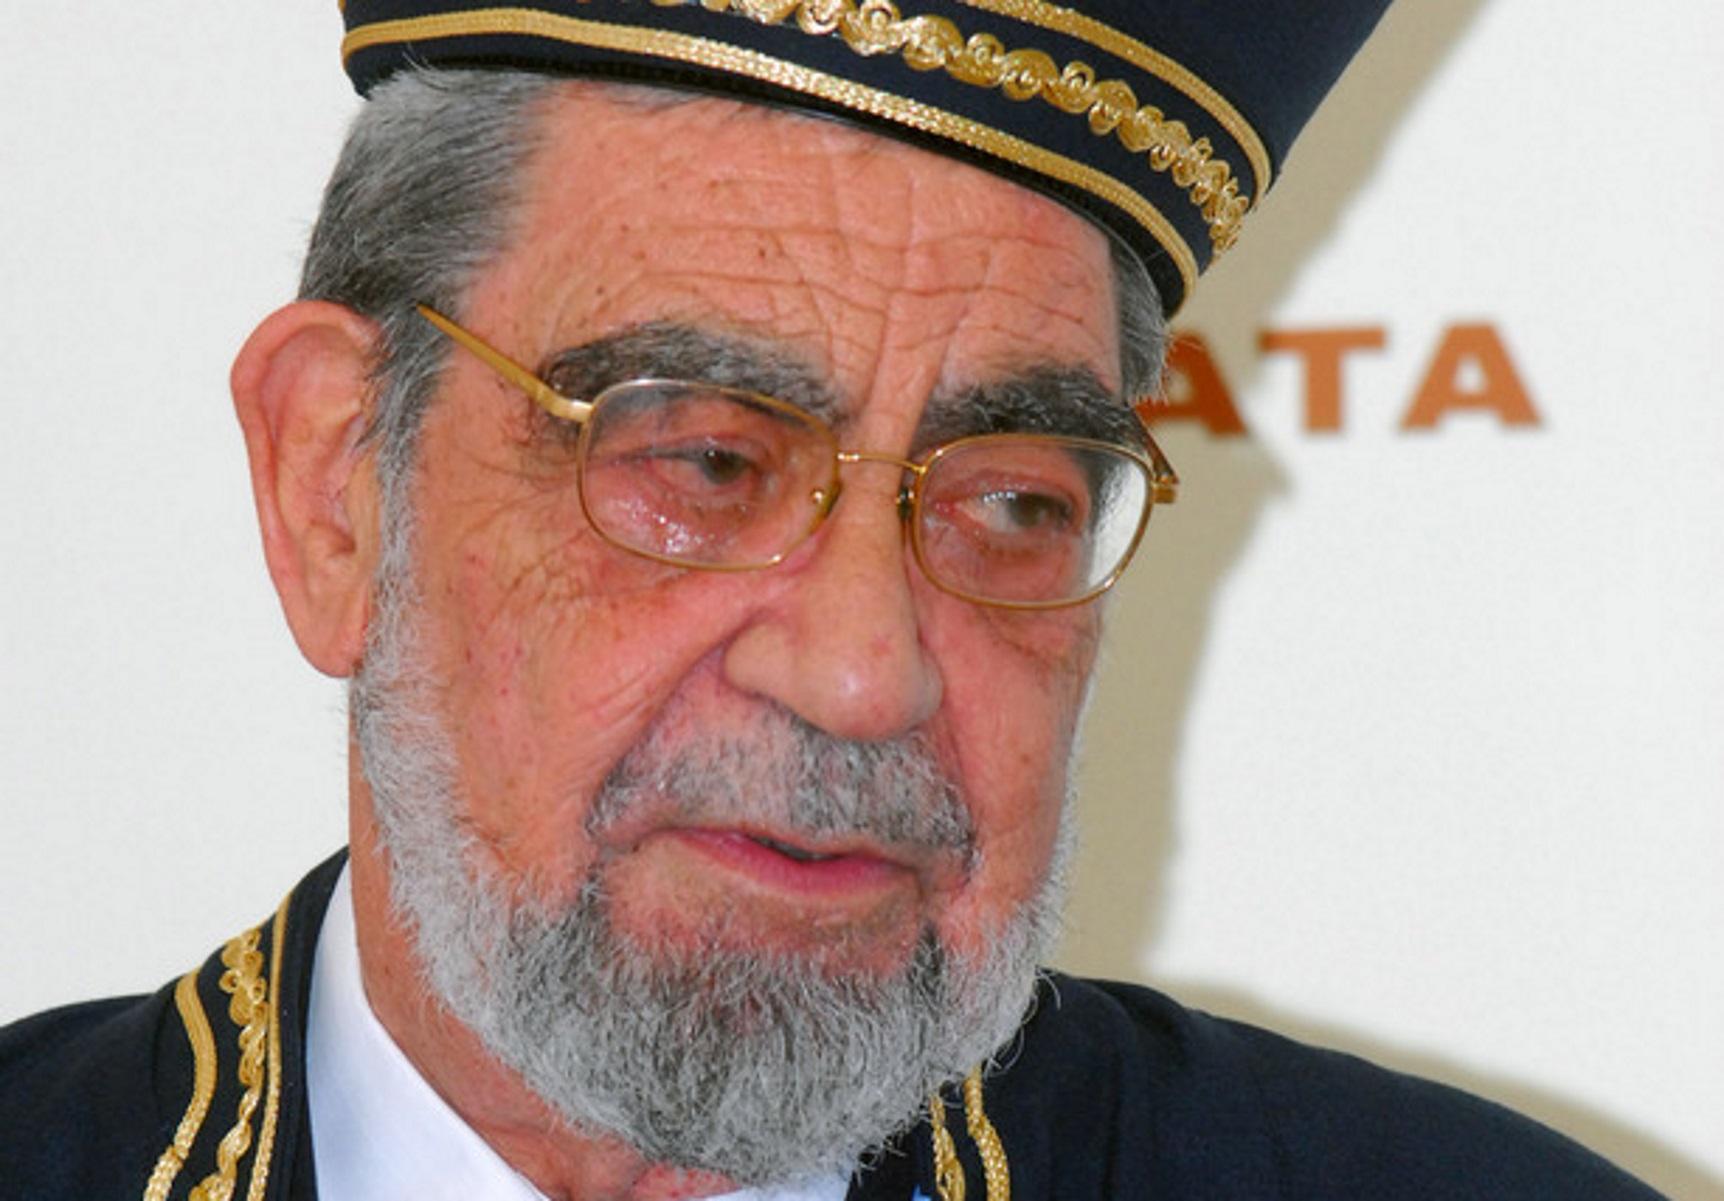 Πέθανε ο ακαδημαϊκός, καθηγητής Φιλοσοφίας Ευάγγελος Μουτσόπουλος